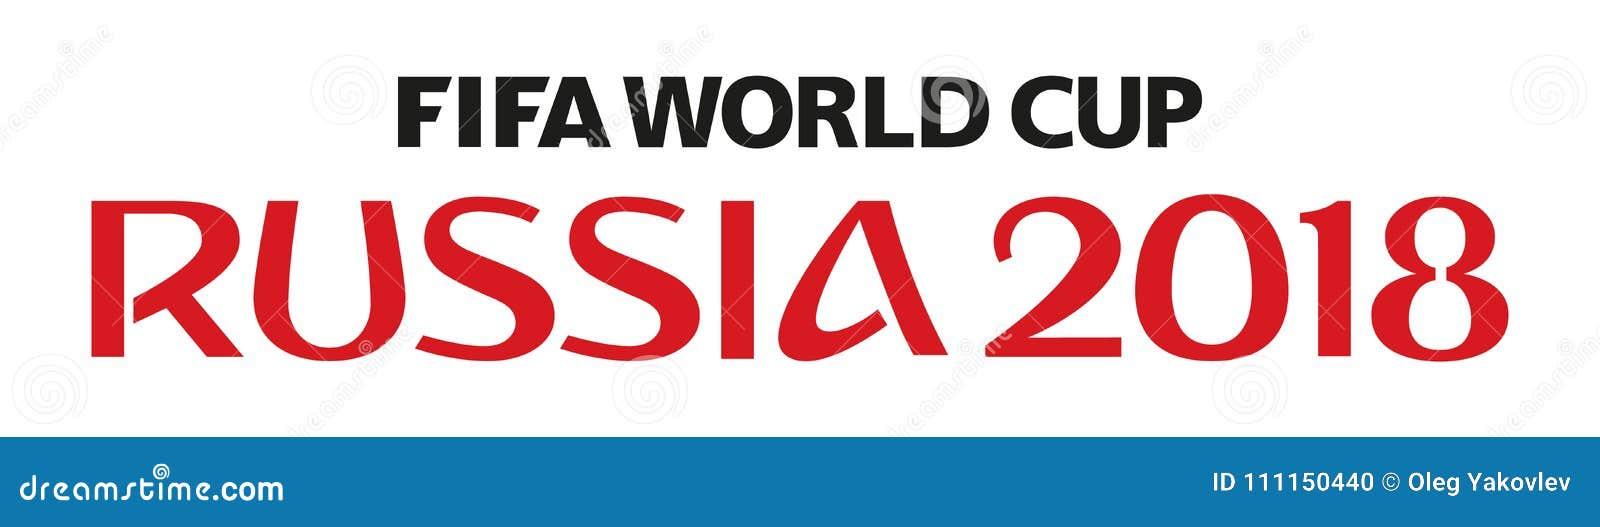 De wereldbeker 2018 van Rusland